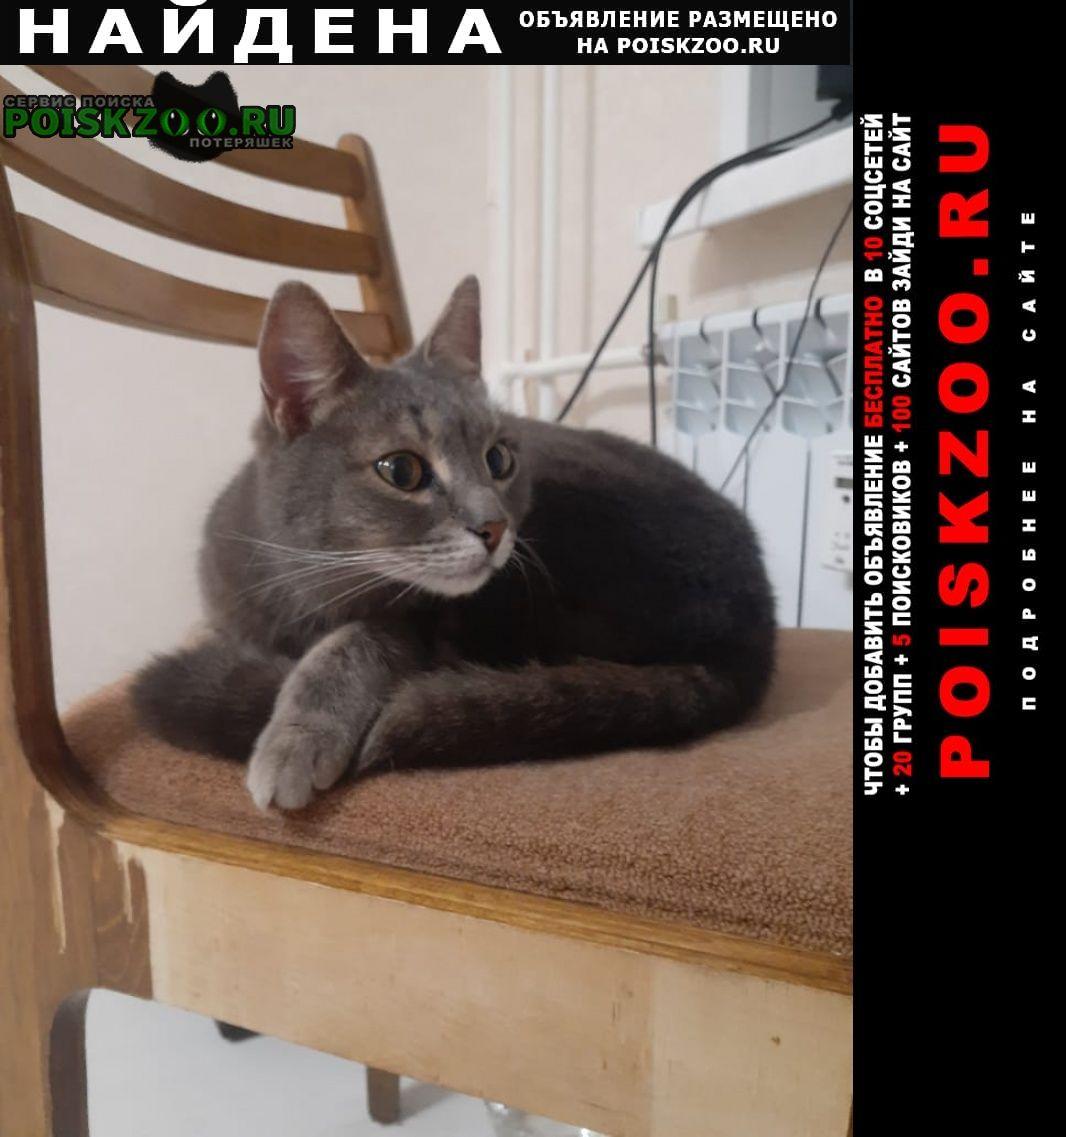 Найдена кошка серый кот, дзержинский рн Ярославль